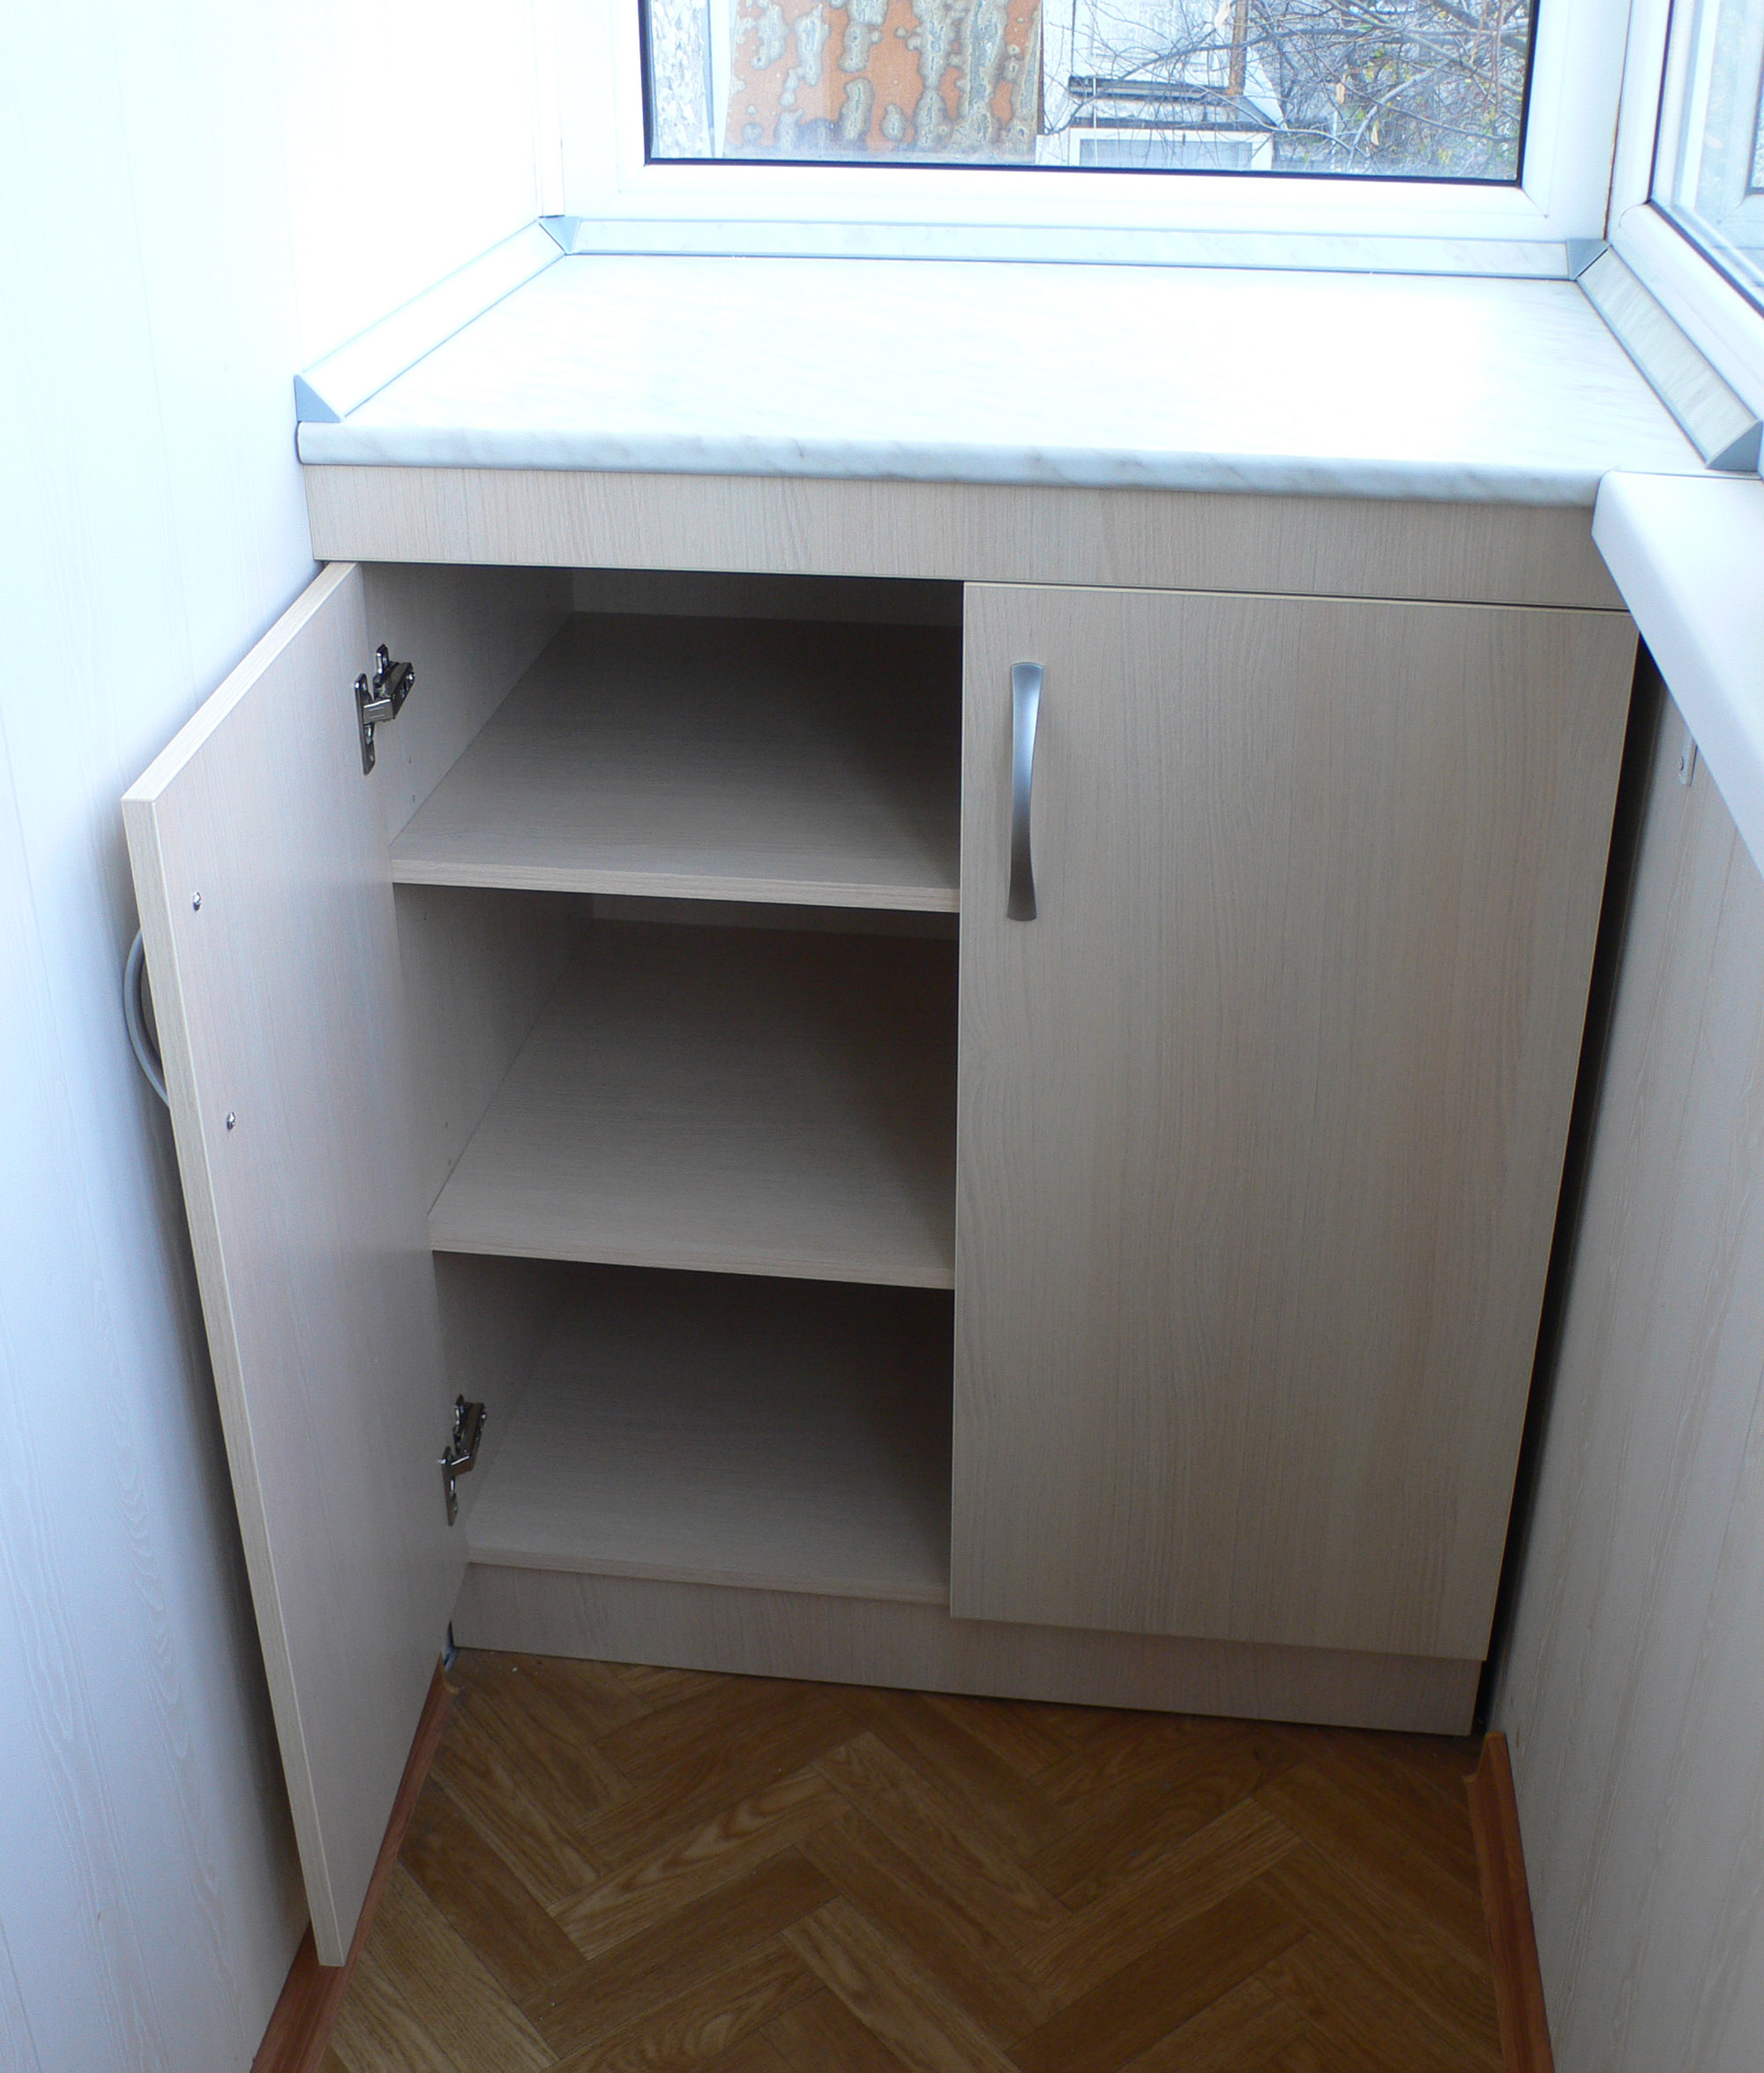 Недорогие готовые двери для шкафа на лоджию..